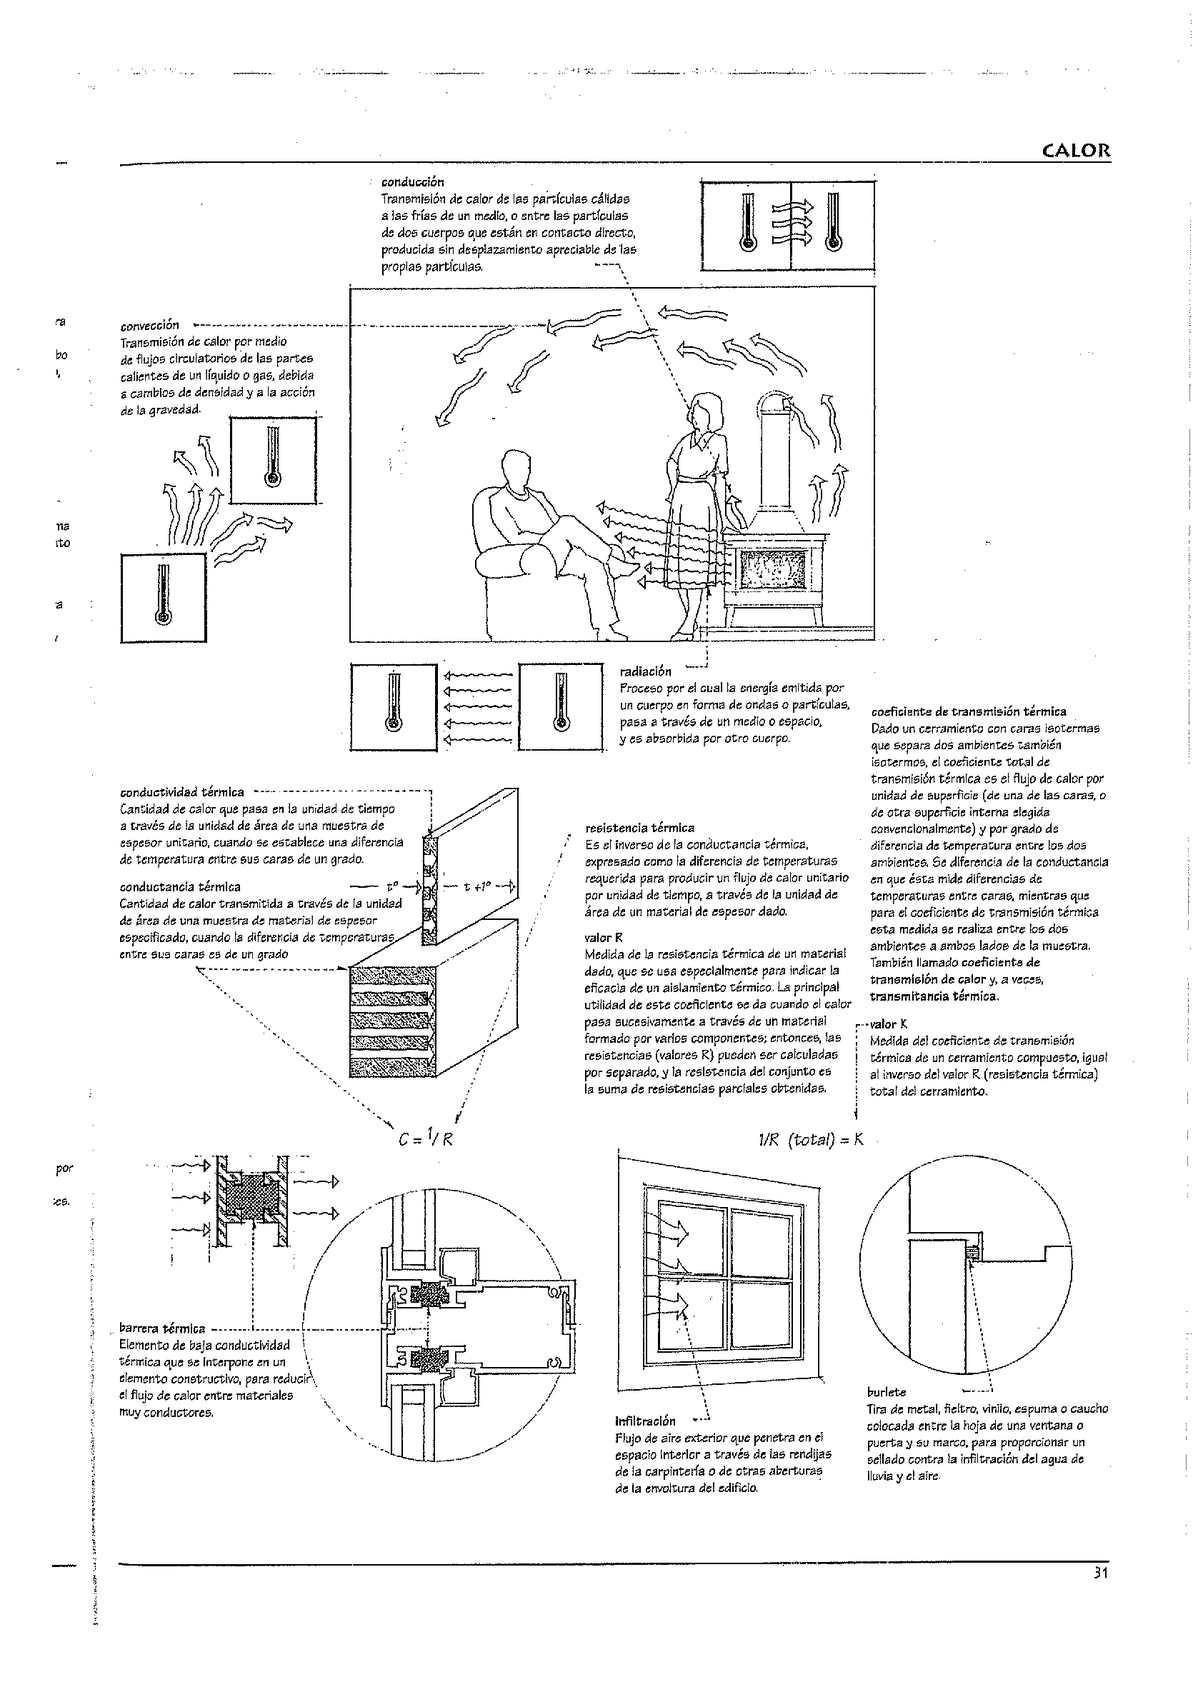 Free download diccionario visual de arquitectura francis d for Diccionario de arquitectura pdf